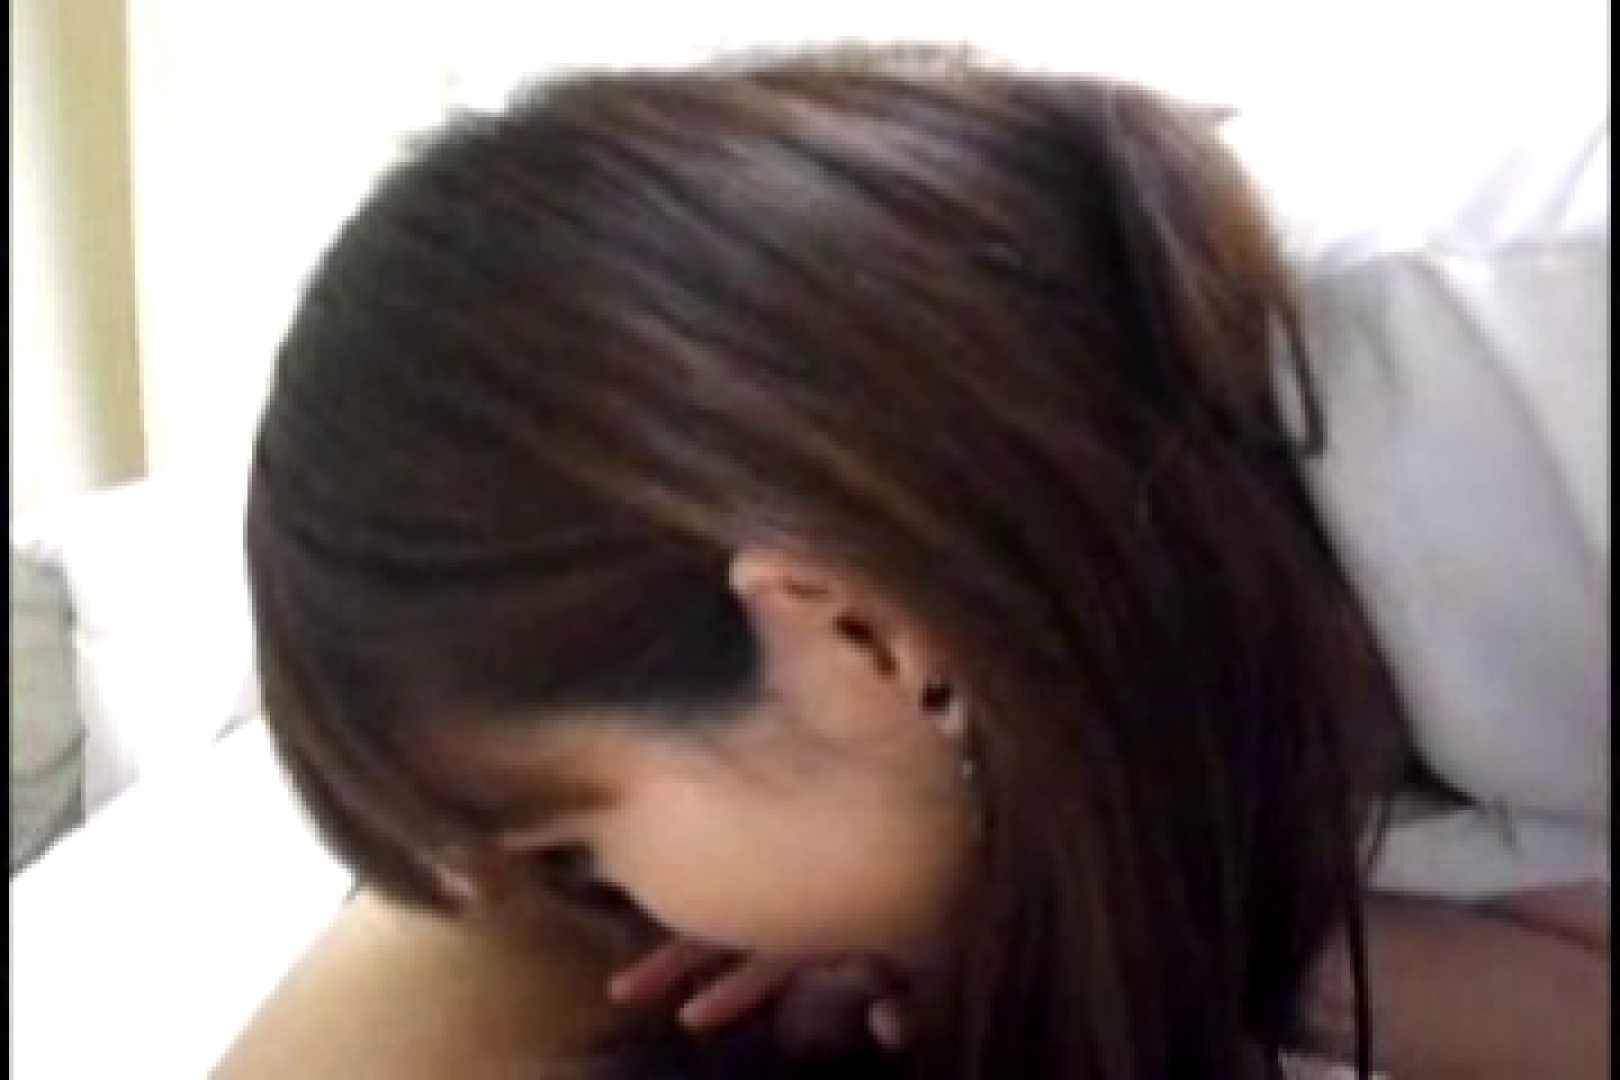 ヤリマンと呼ばれた看護士さんvol1 OL裸体 | シックスナイン  61画像 47